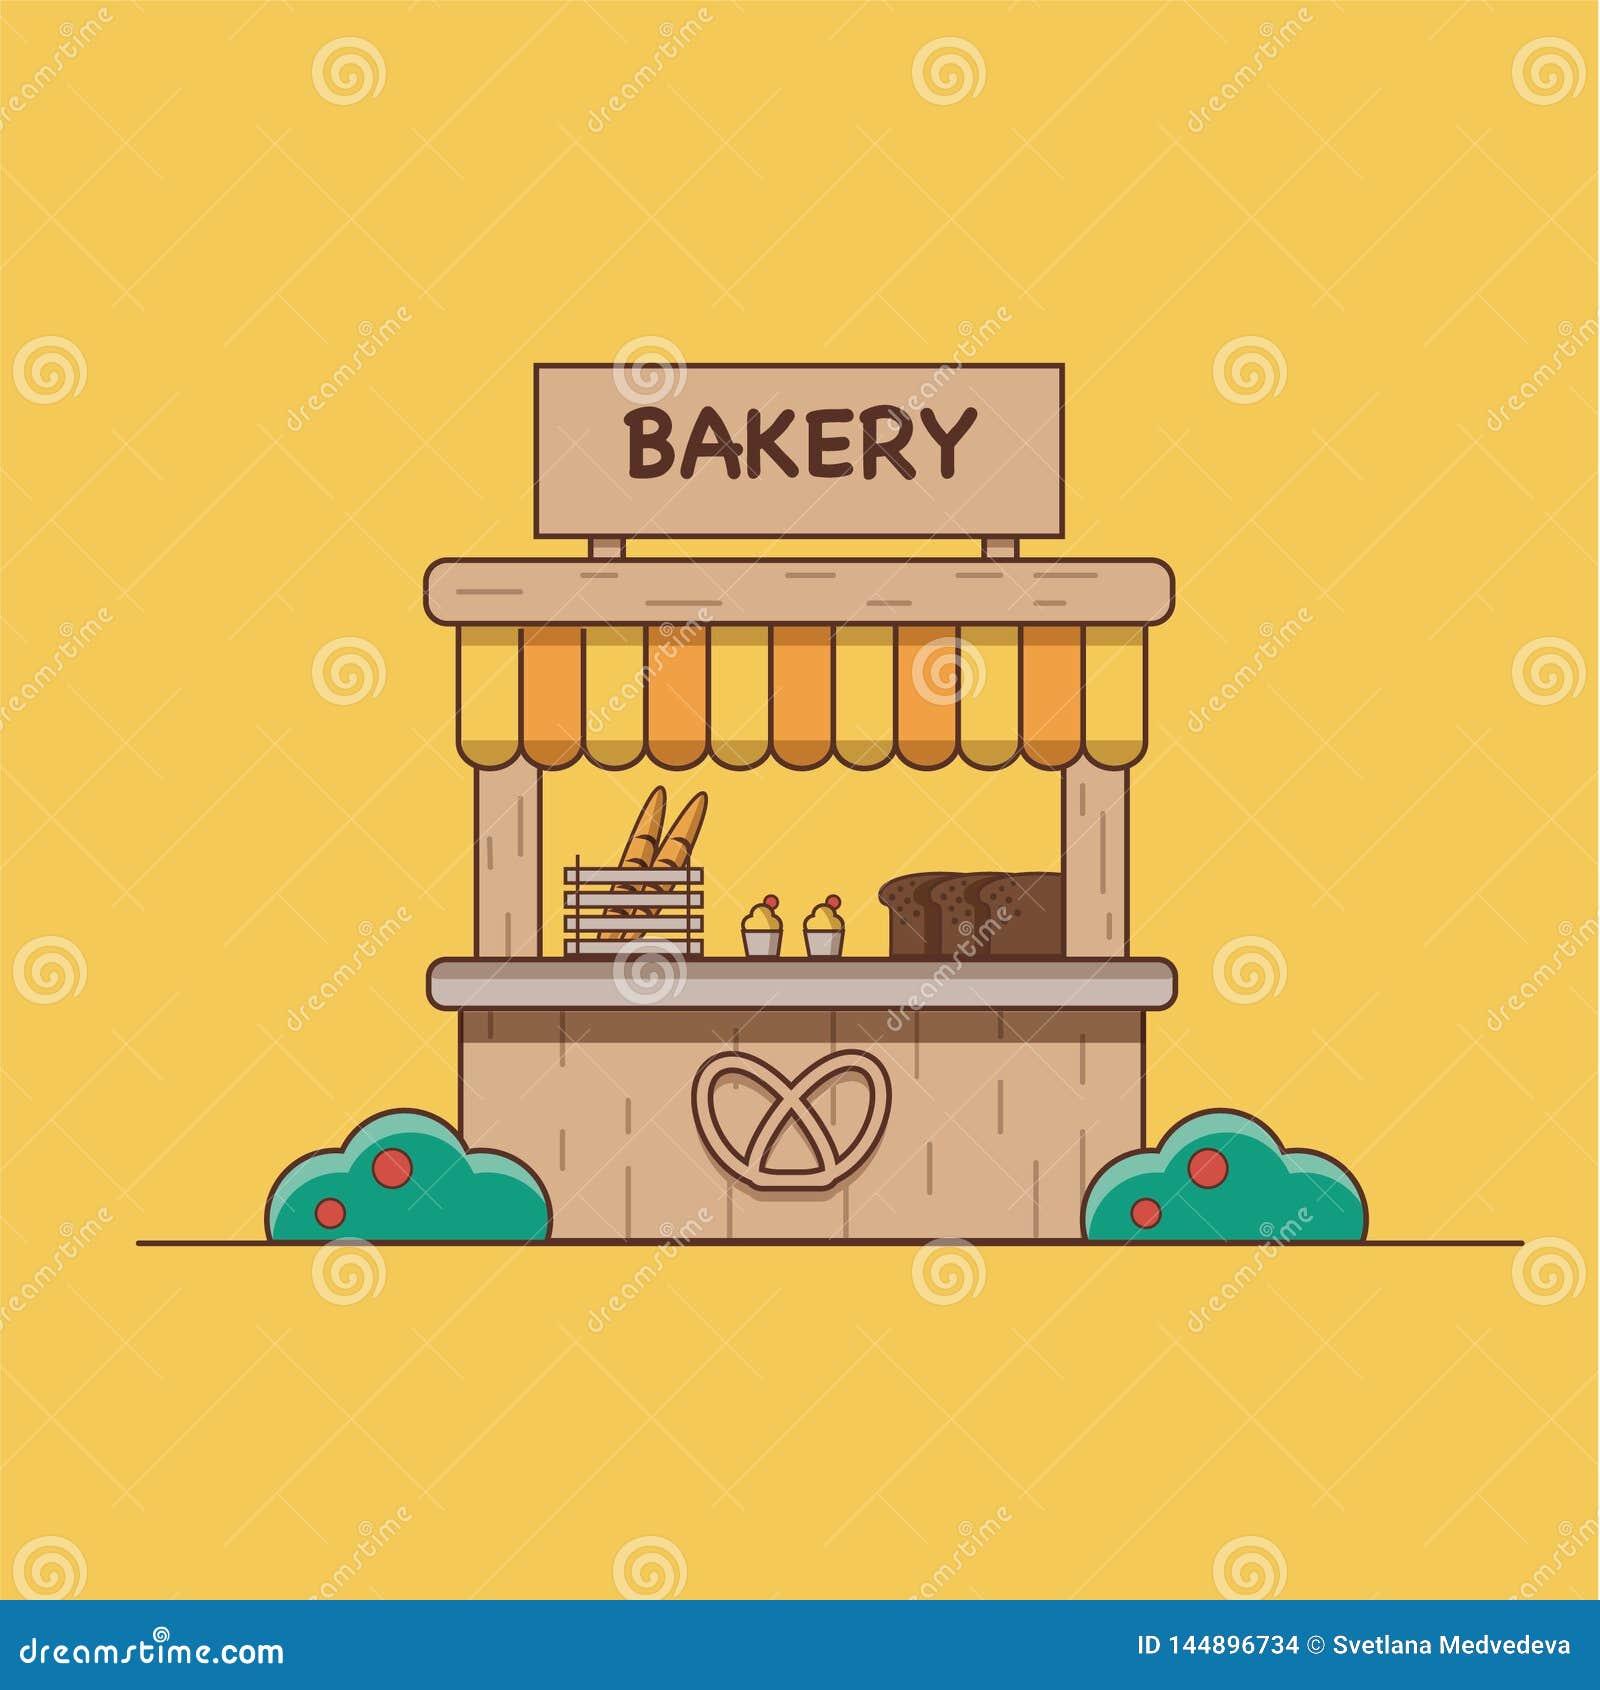 Ilustração do vetor que descreve uma padaria em um fundo alaranjado